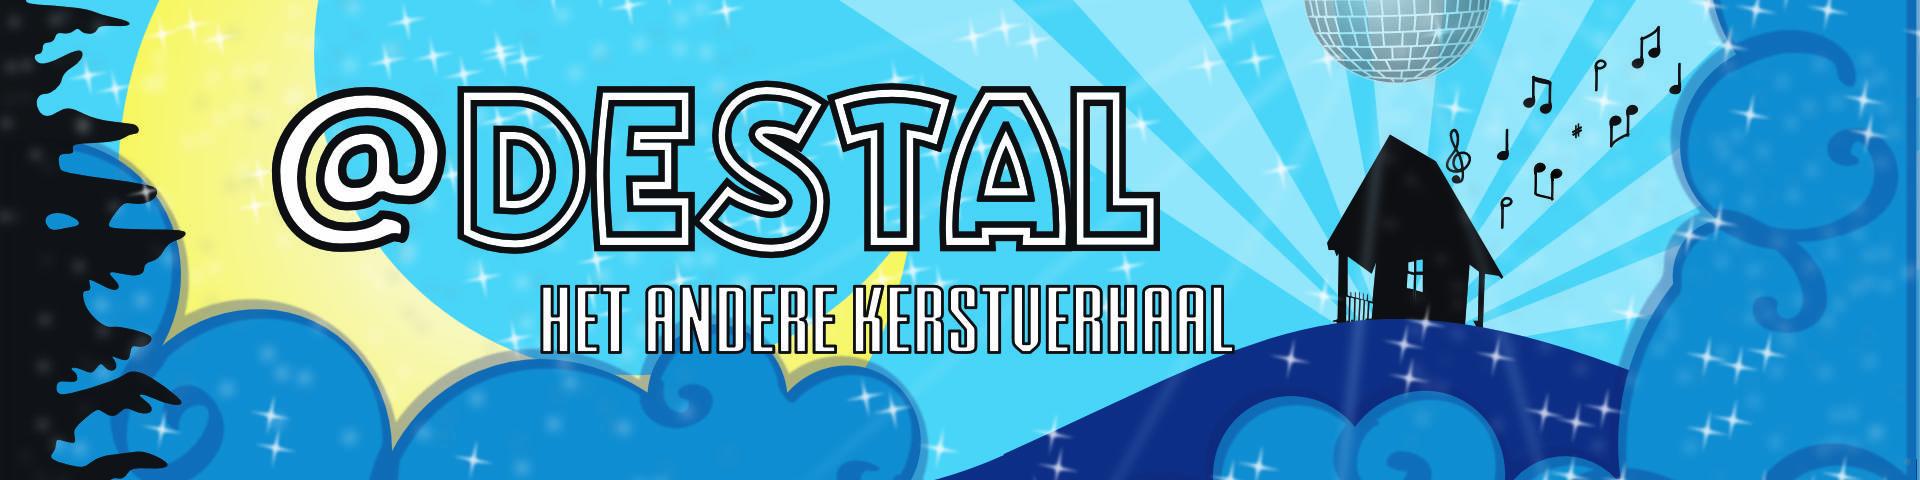 @Destal kerstmusical